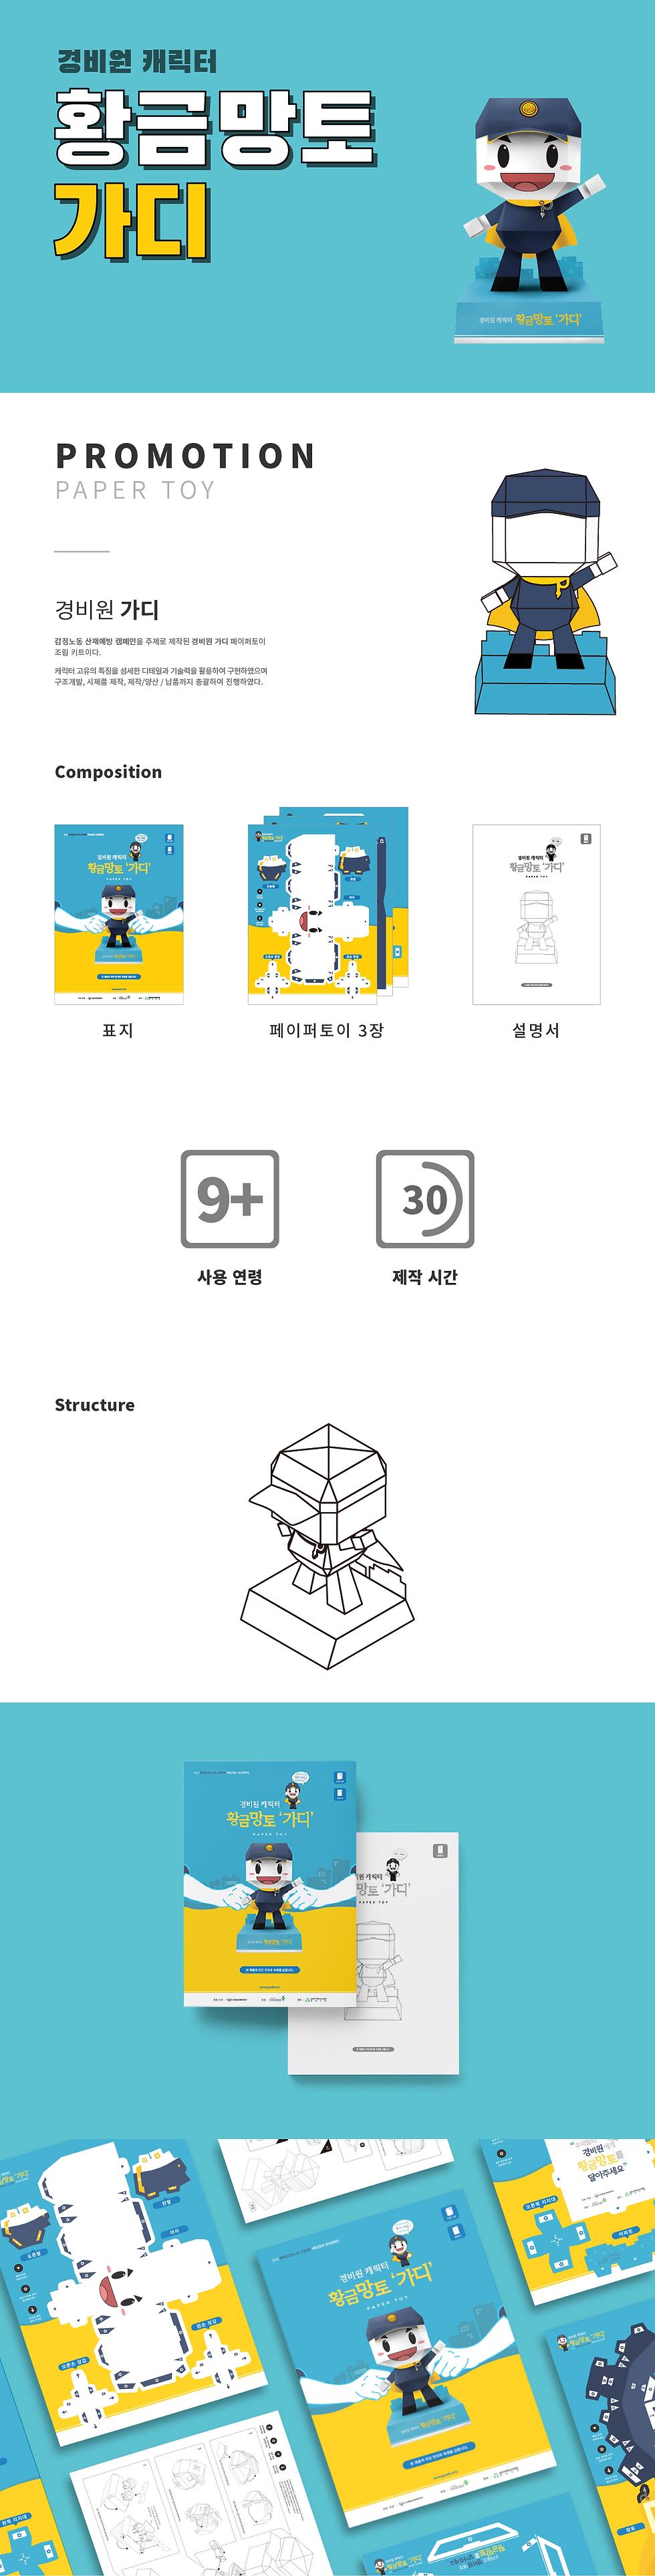 02-13. [2015] 안전보건공단_가디_상세페이지.png